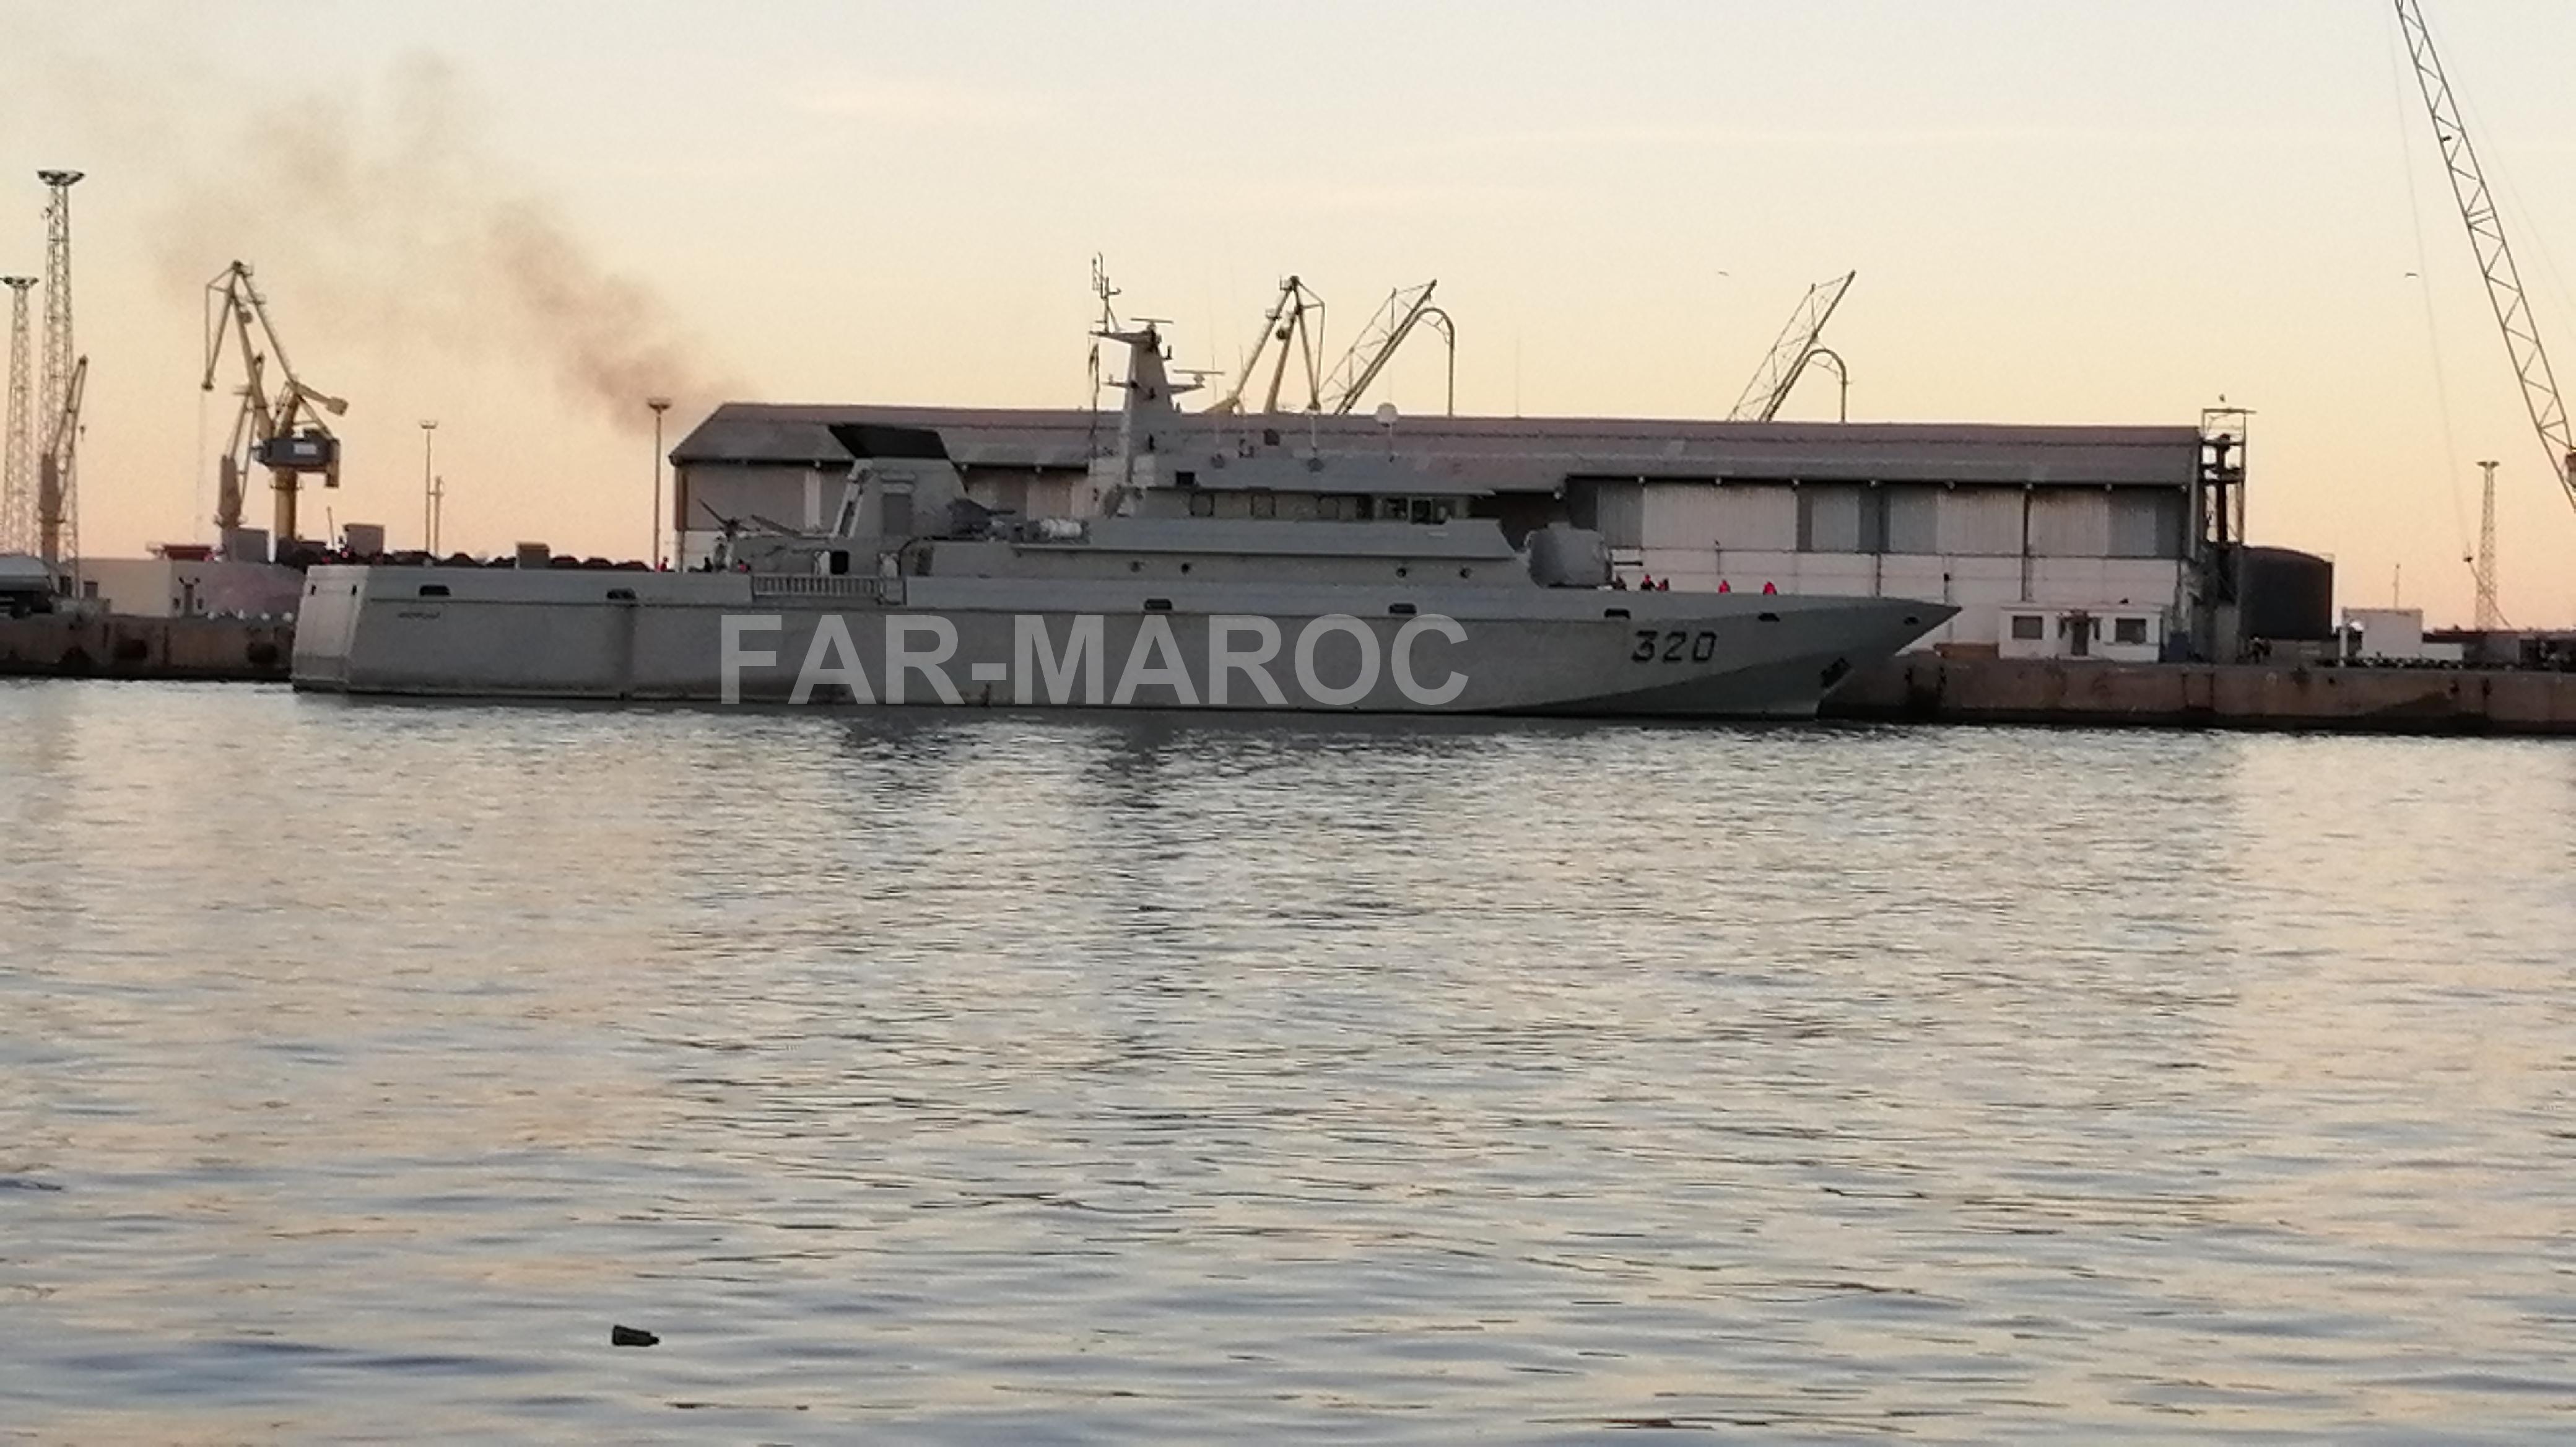 Royal Moroccan Navy Patrol Boats / Patrouilleurs de la Marine Marocaine - Page 14 32870828867_c2b310e9ab_o